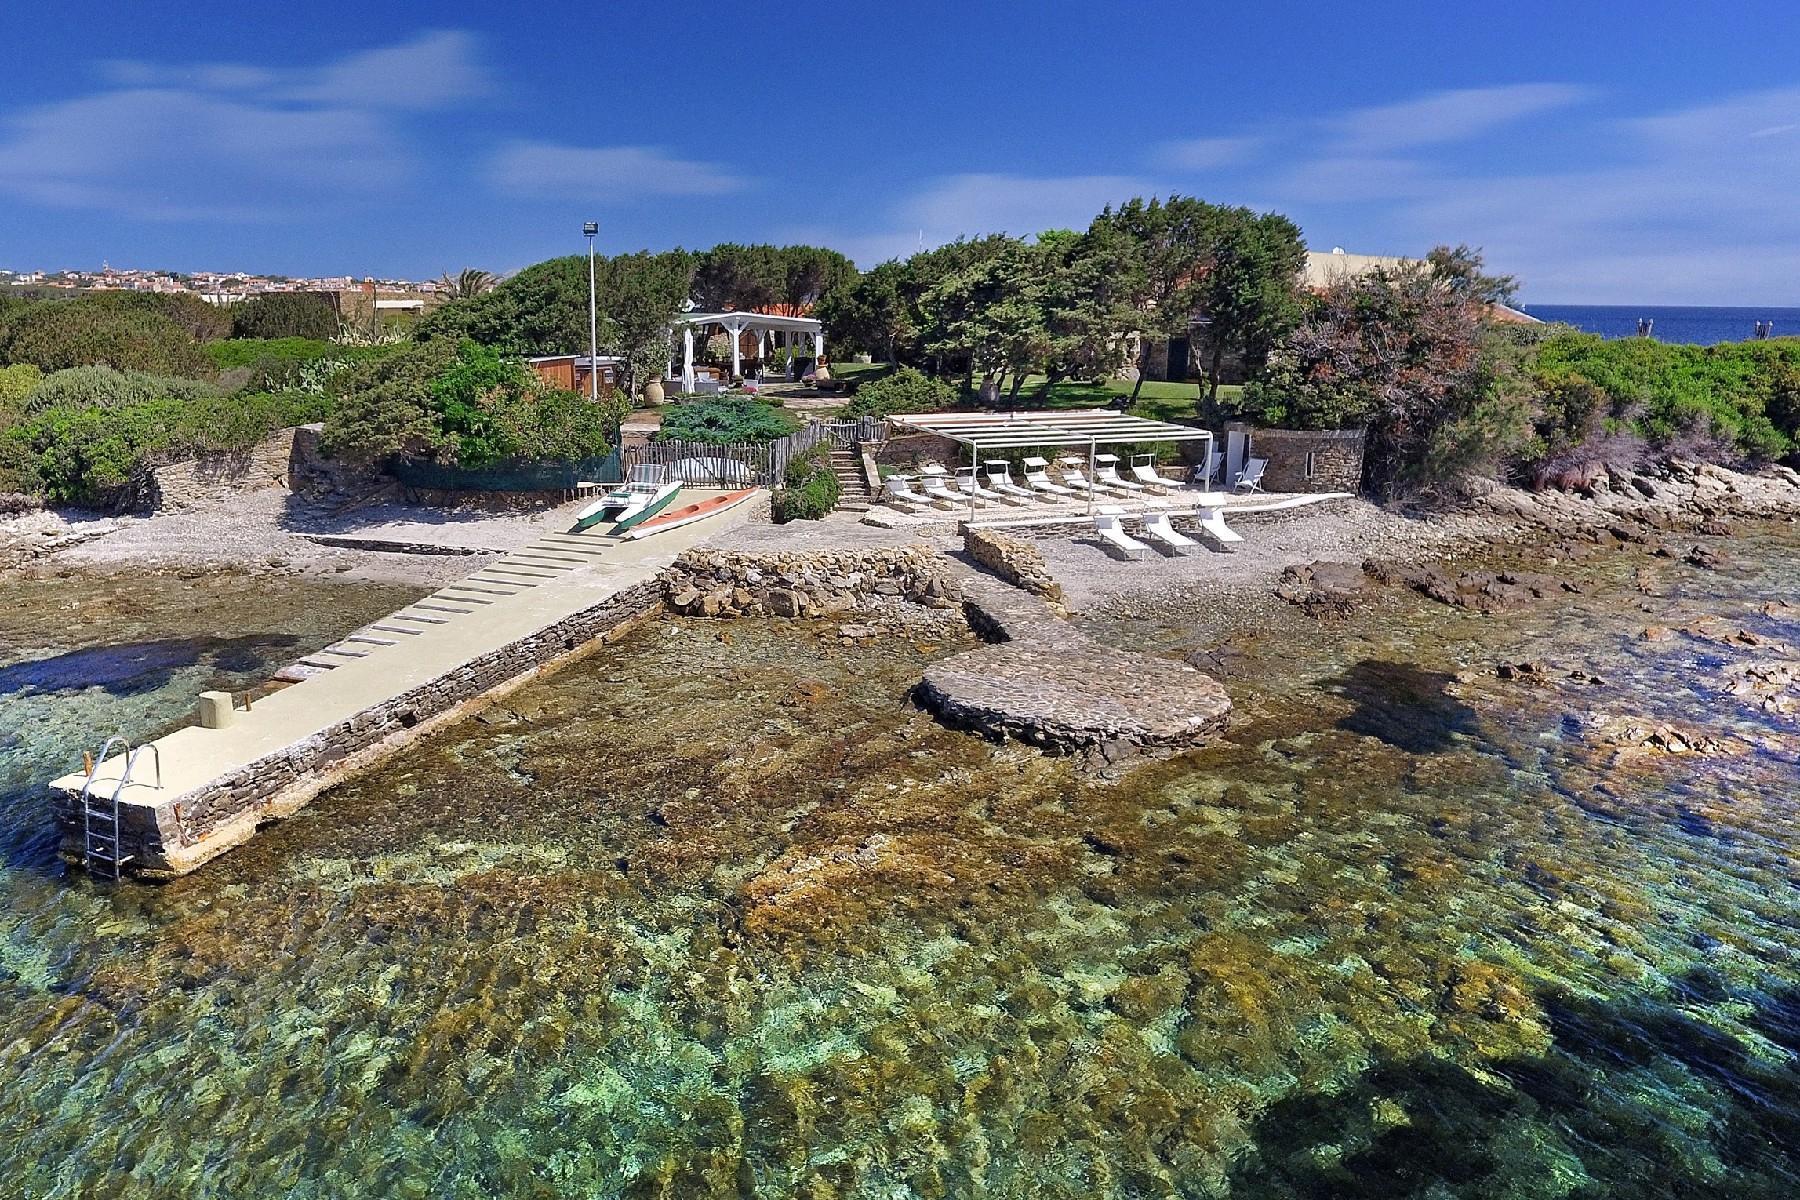 Pieds-dans-l'eau villa on a little private peninsula - 11